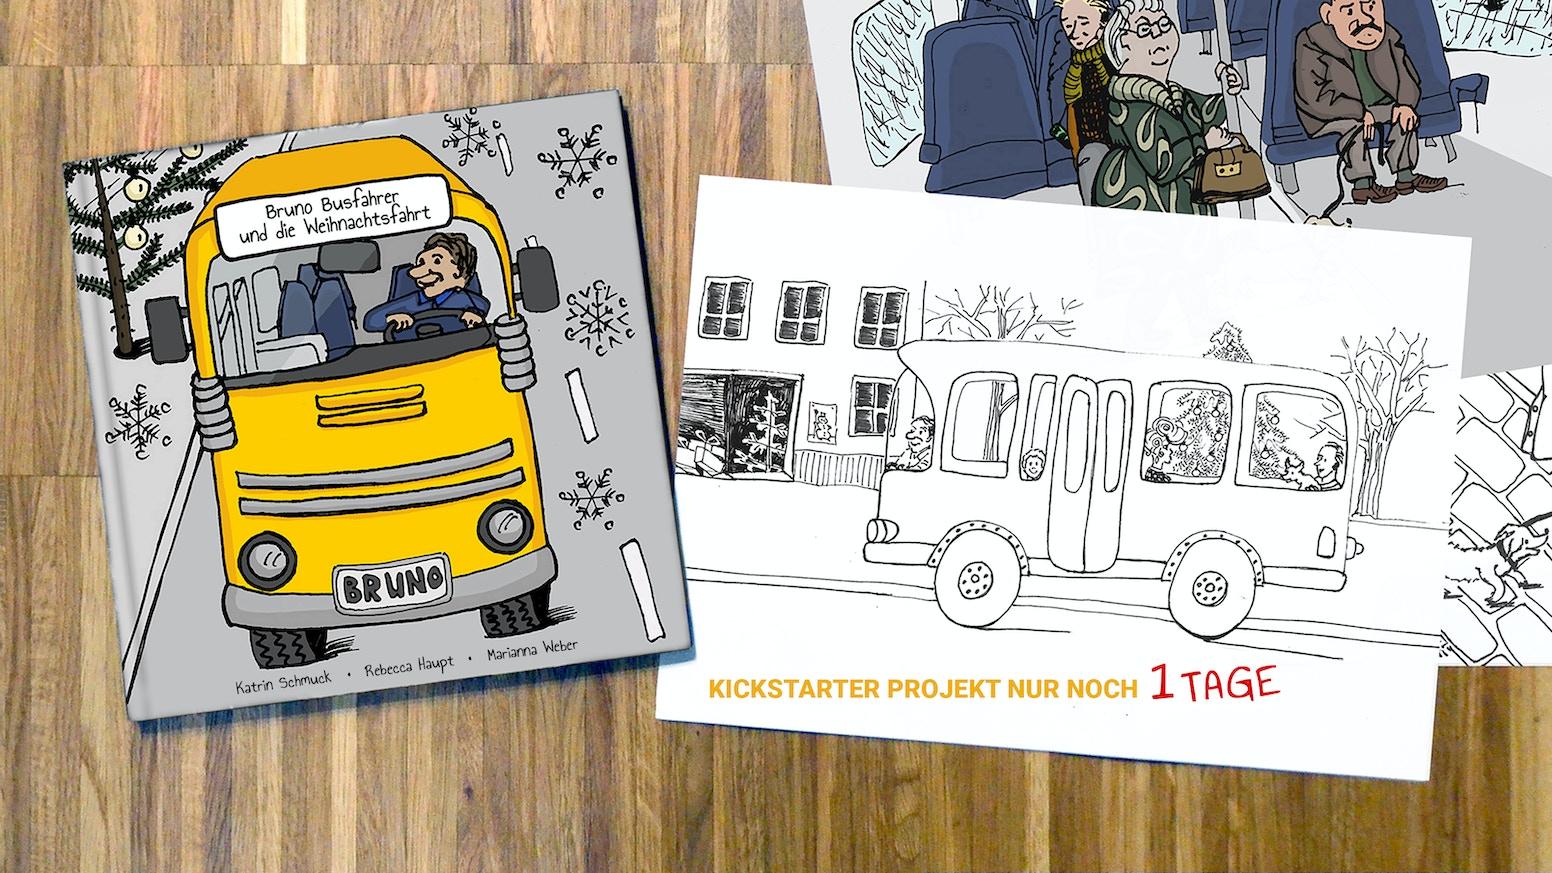 Bruno Busfahrer\